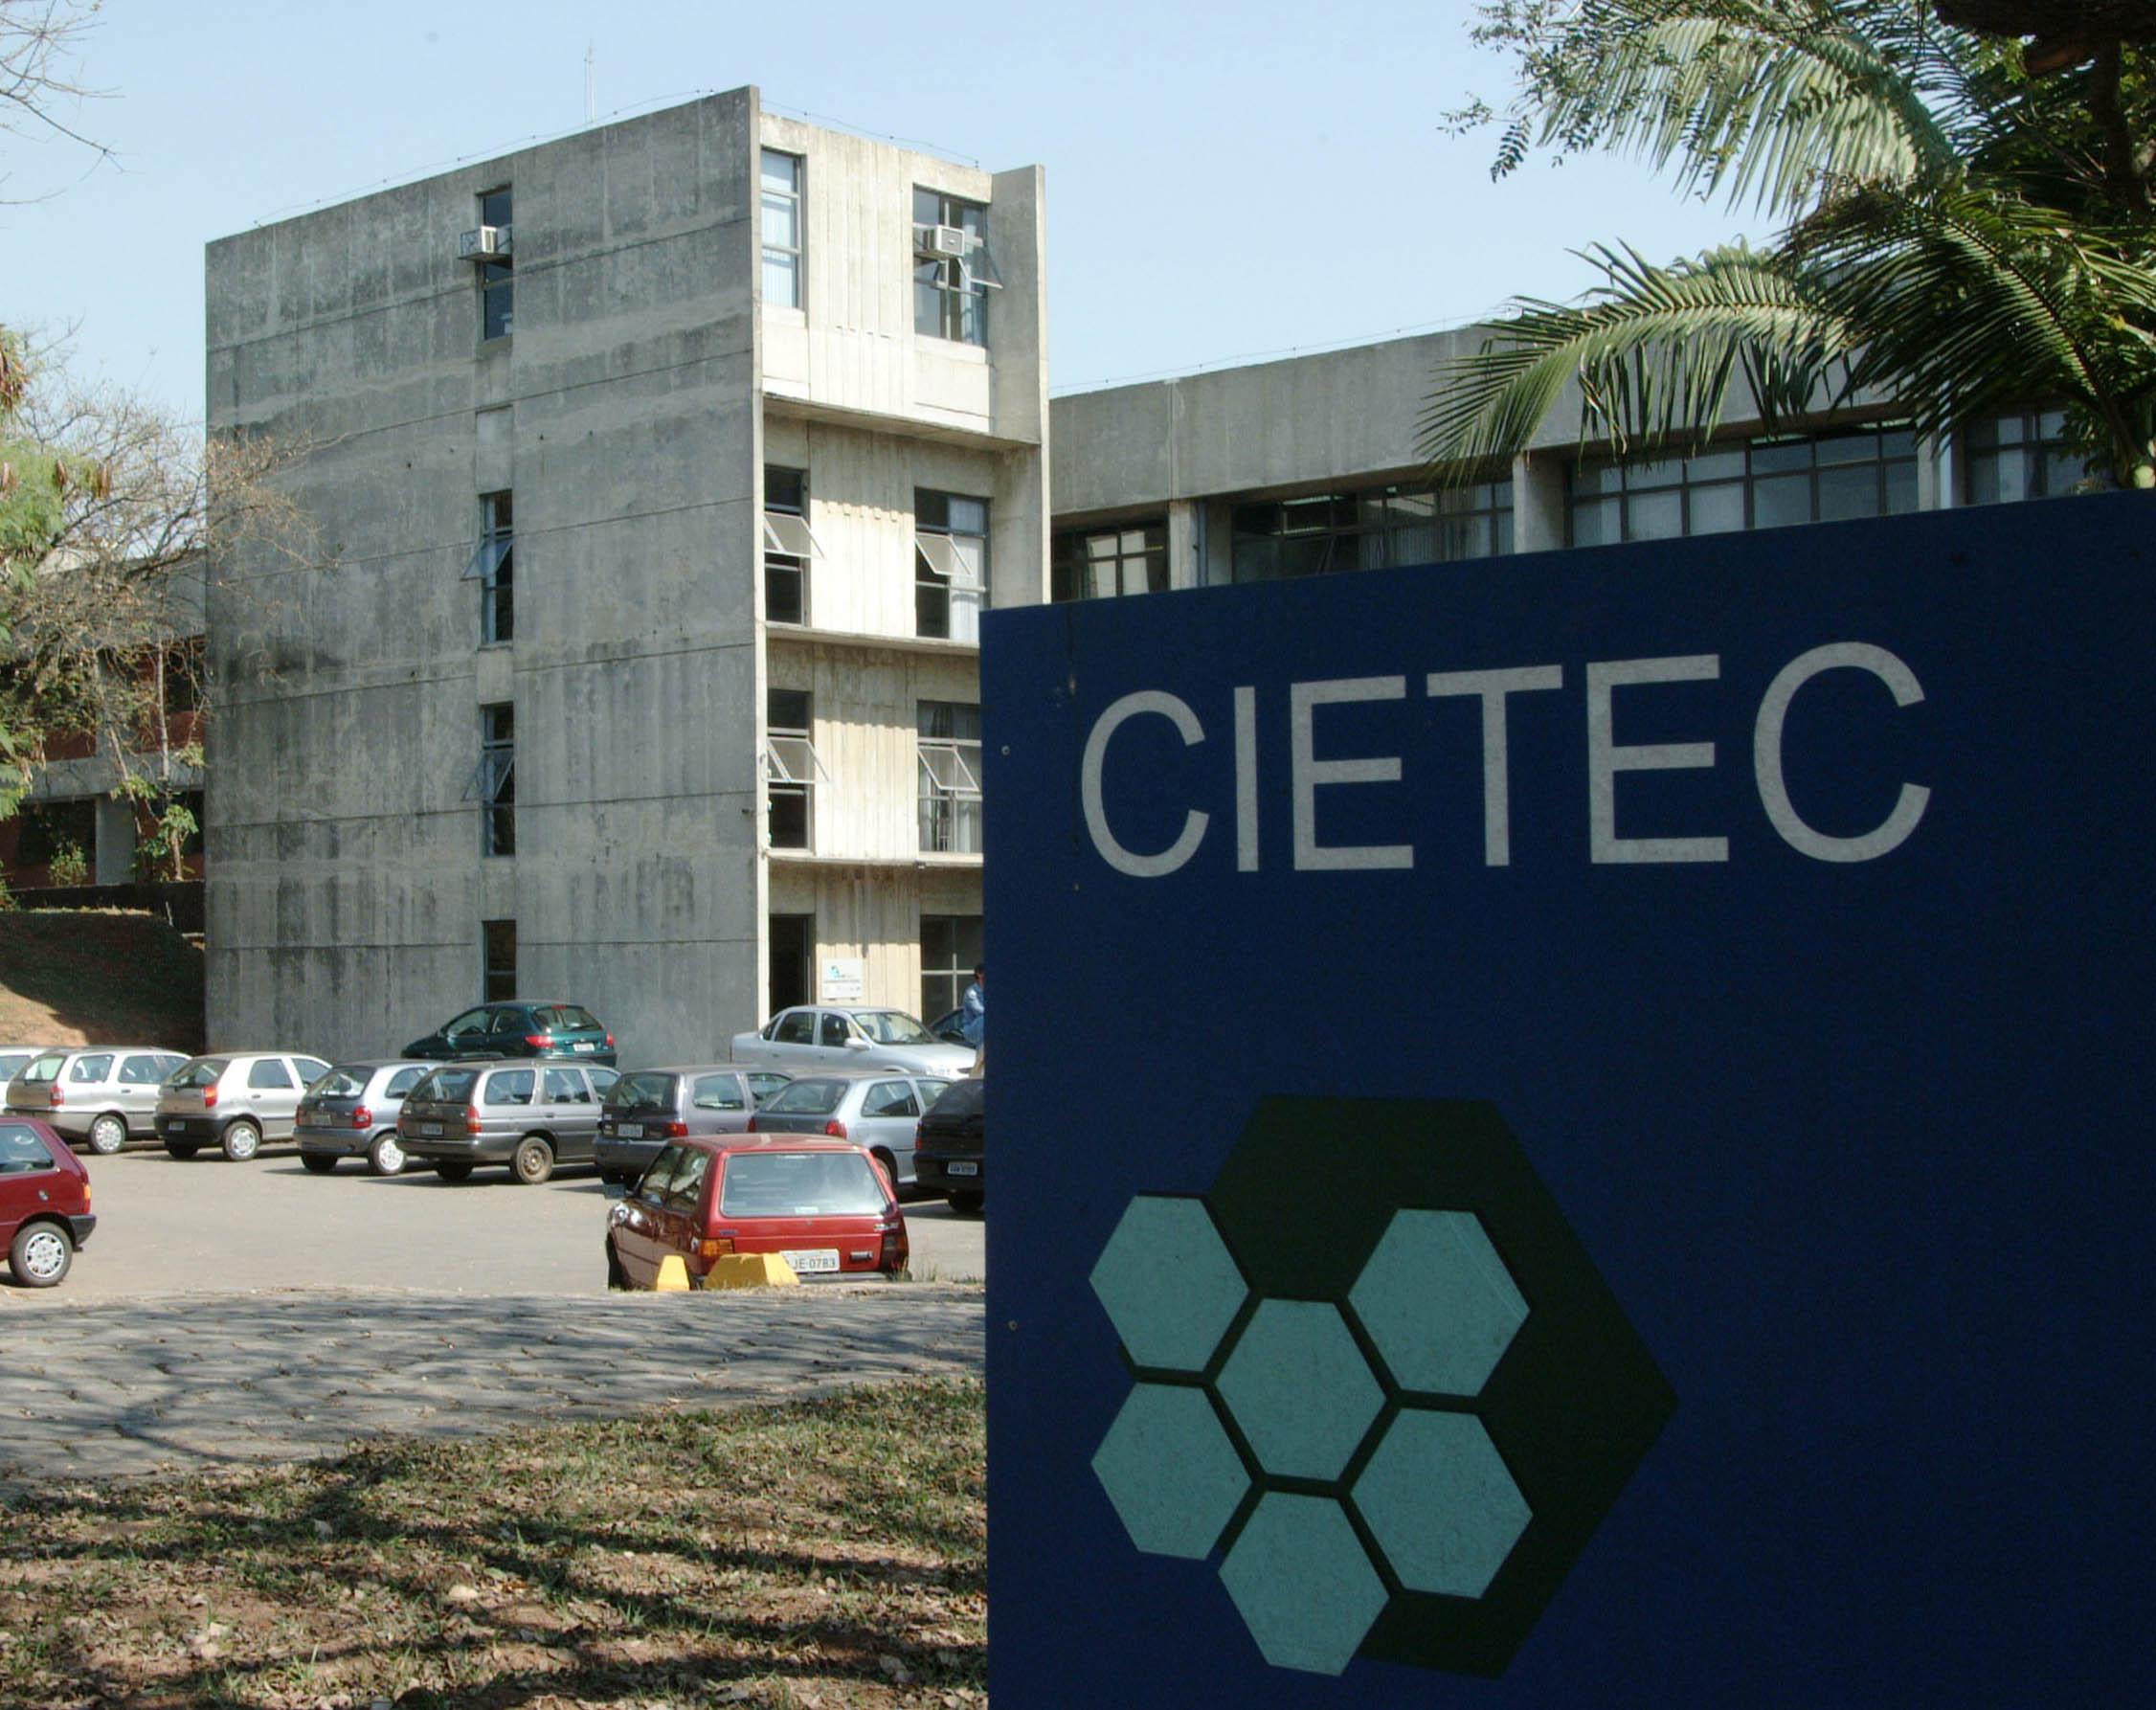 Incubadoras de startups: Cietec